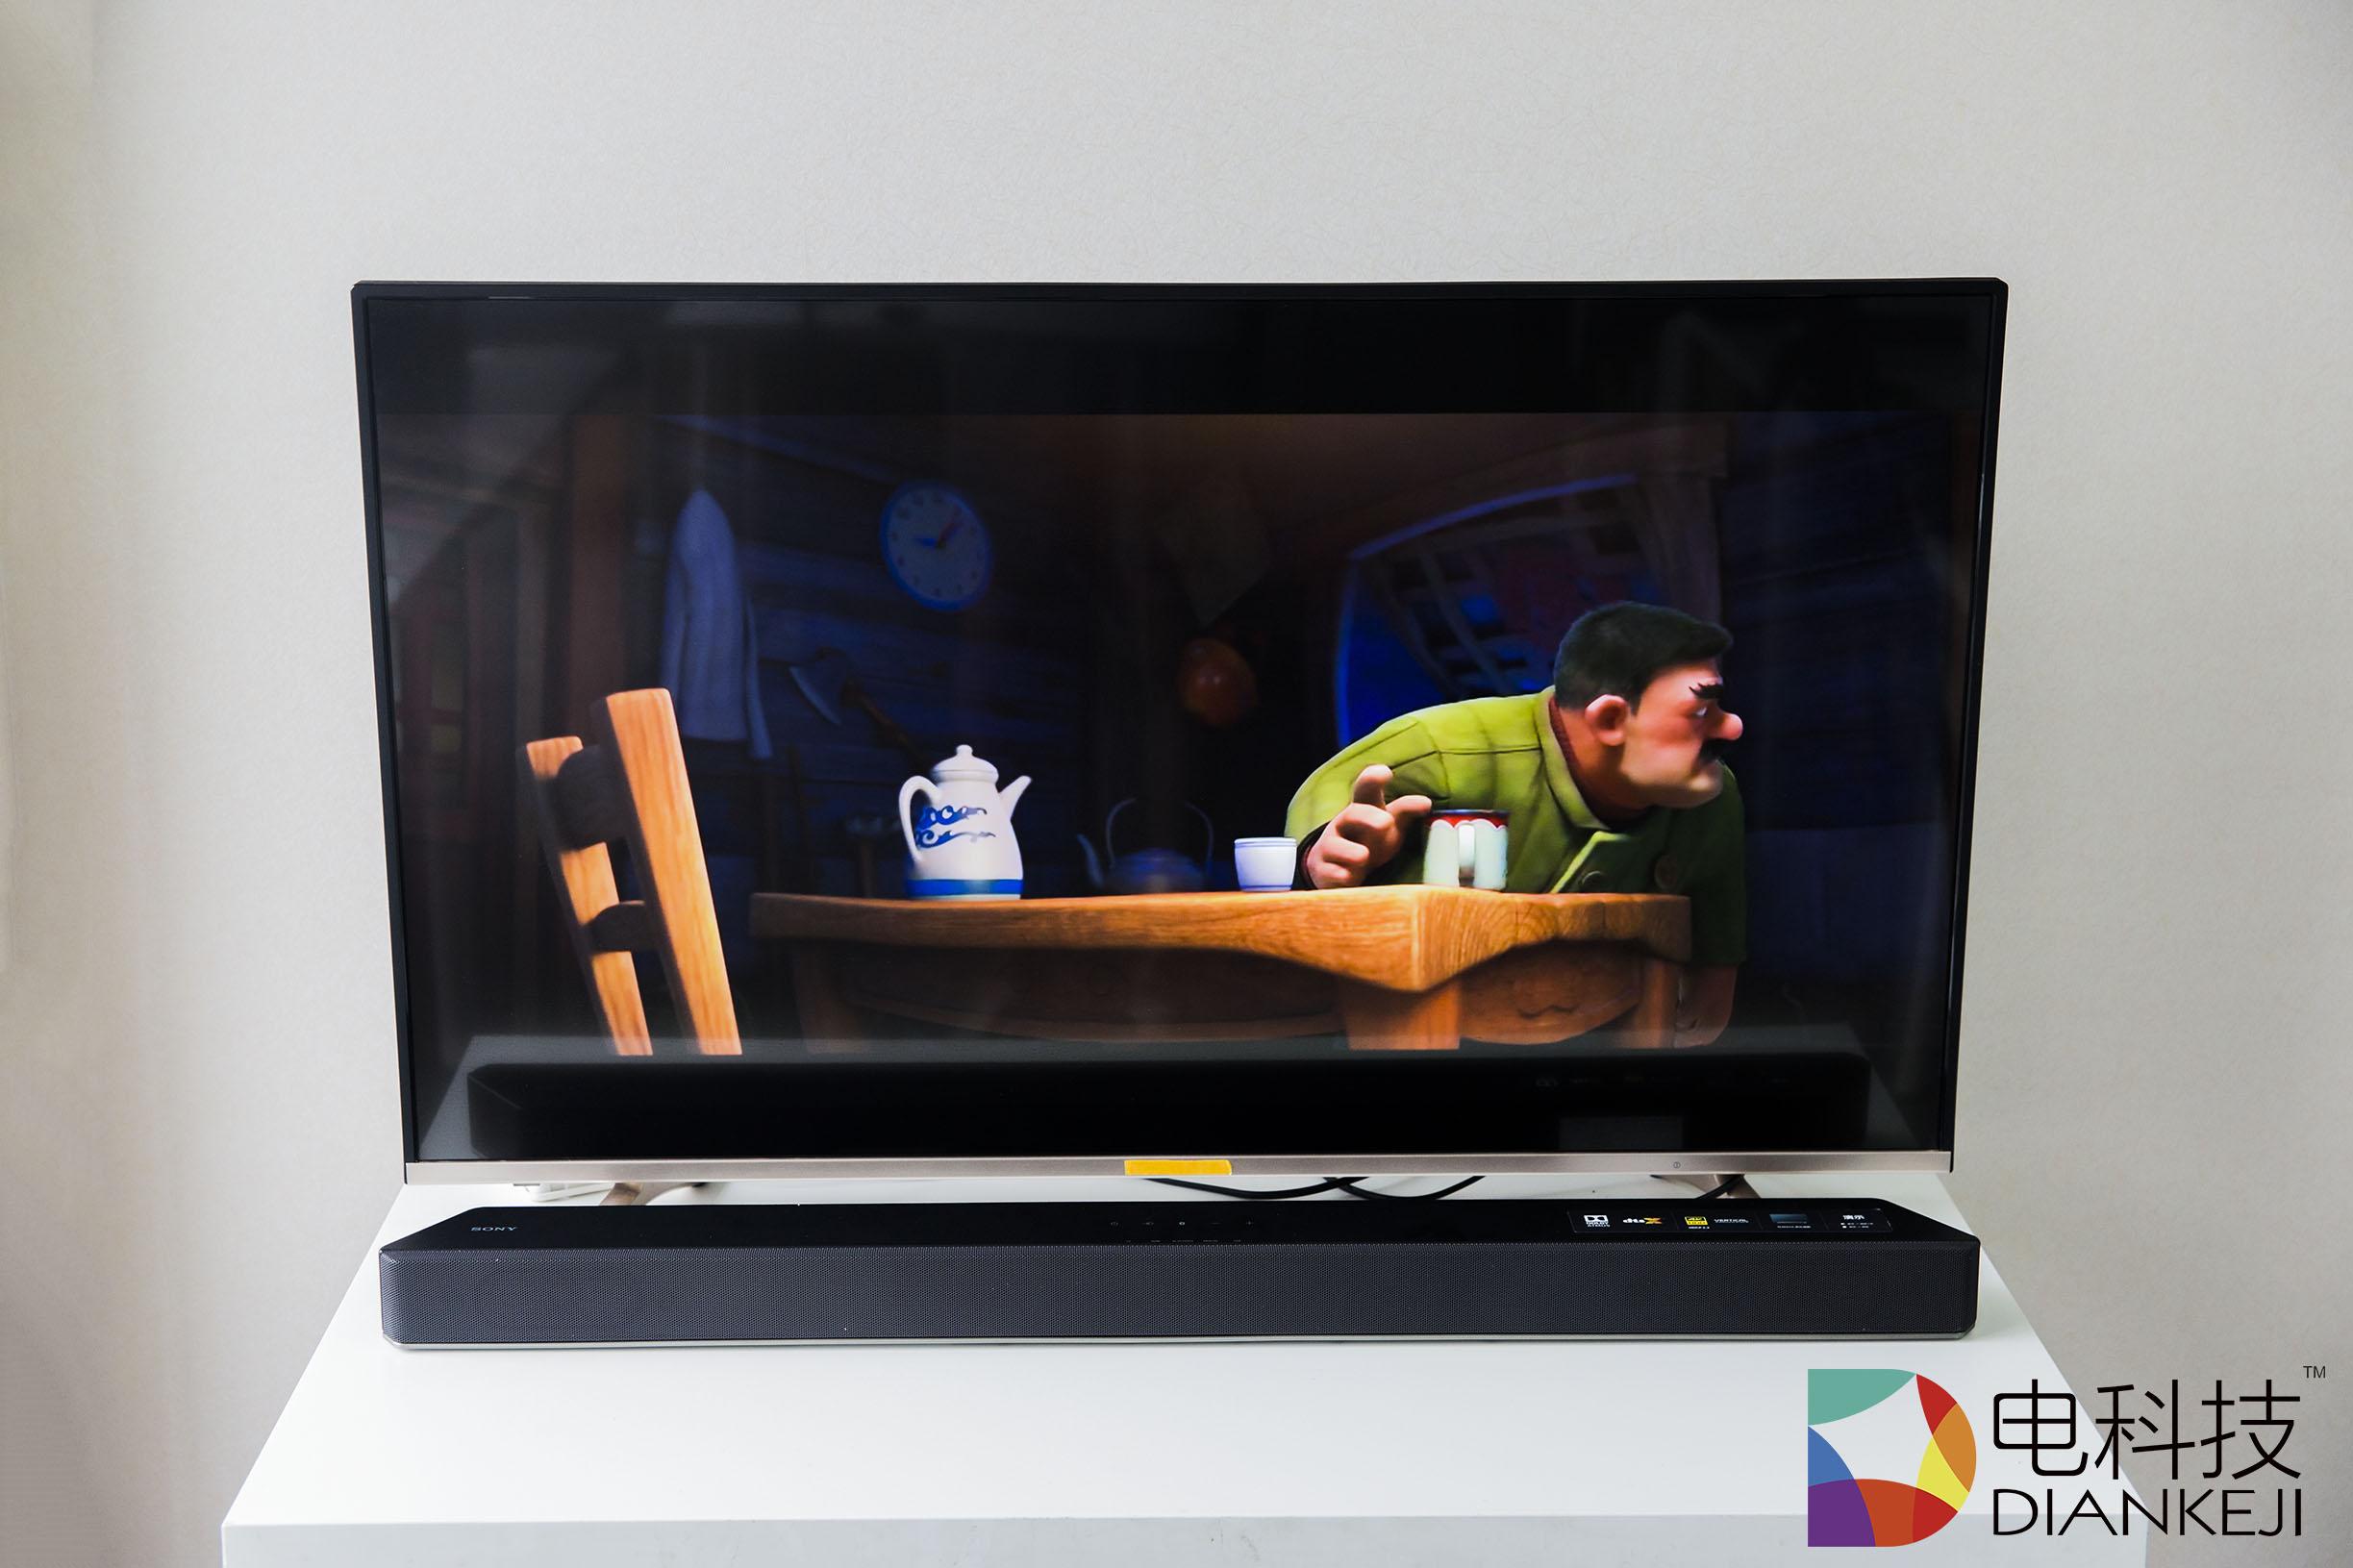 这样听,比看更过瘾!索尼回音壁HT-X9000F杜比全景声体验